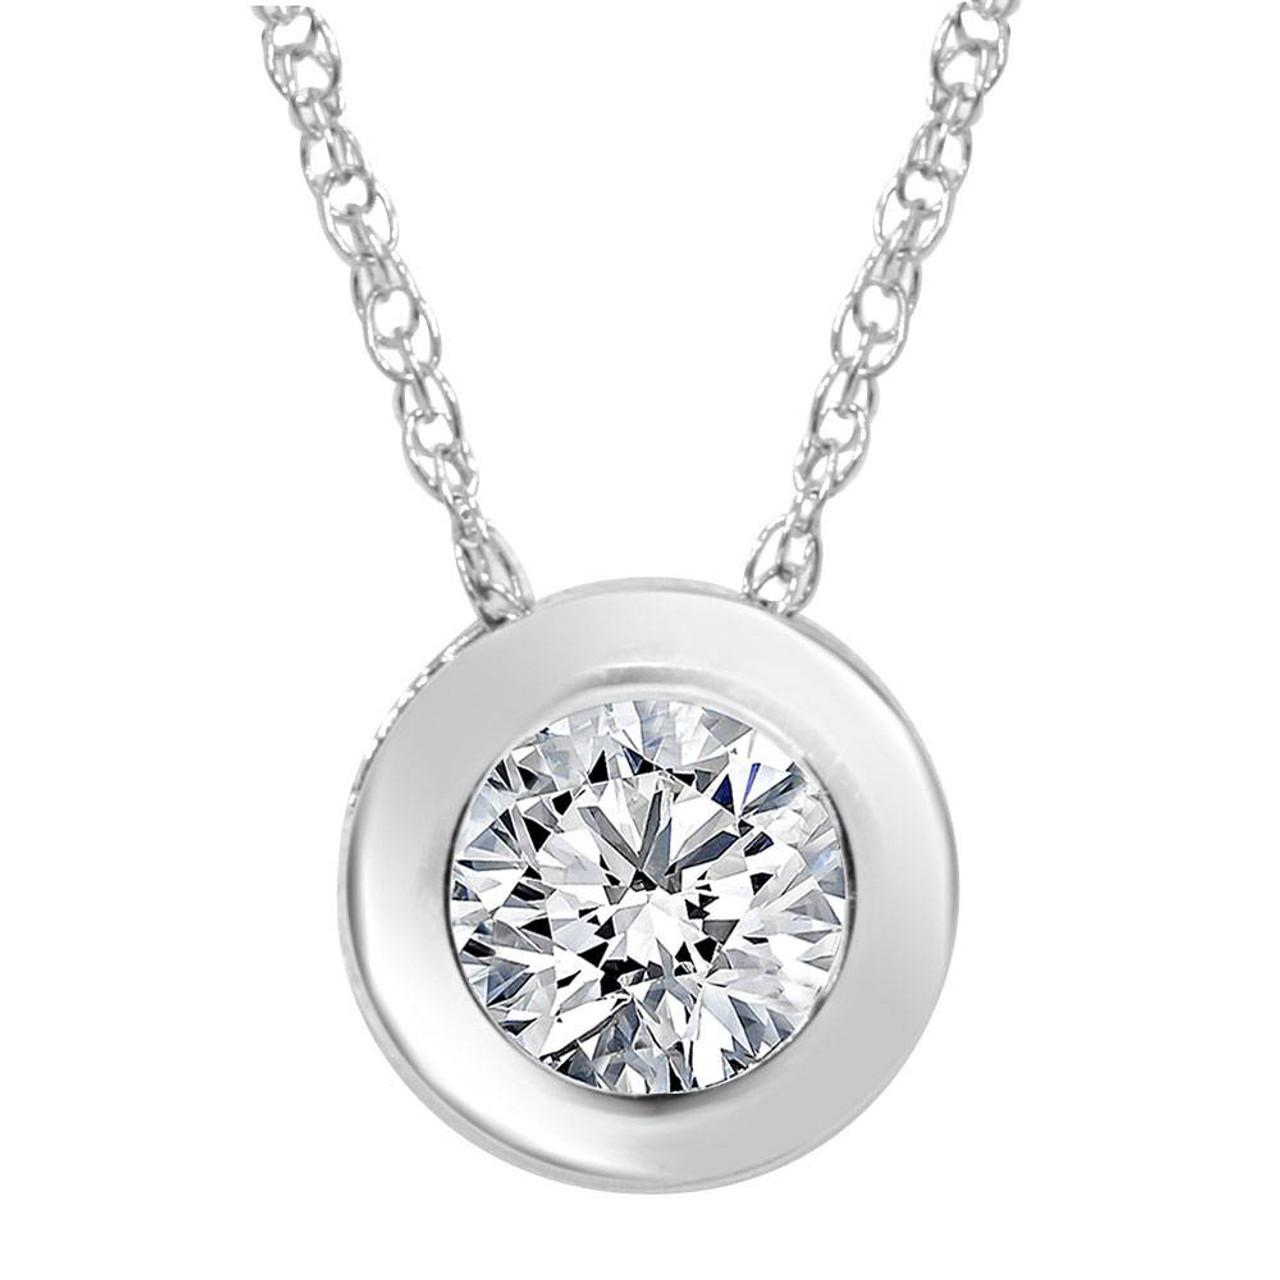 34ct round bezel solitaire diamond pendant necklace 14k white gold 34ct round bezel solitaire diamond pendant necklace 14k white gold g si2 aloadofball Images